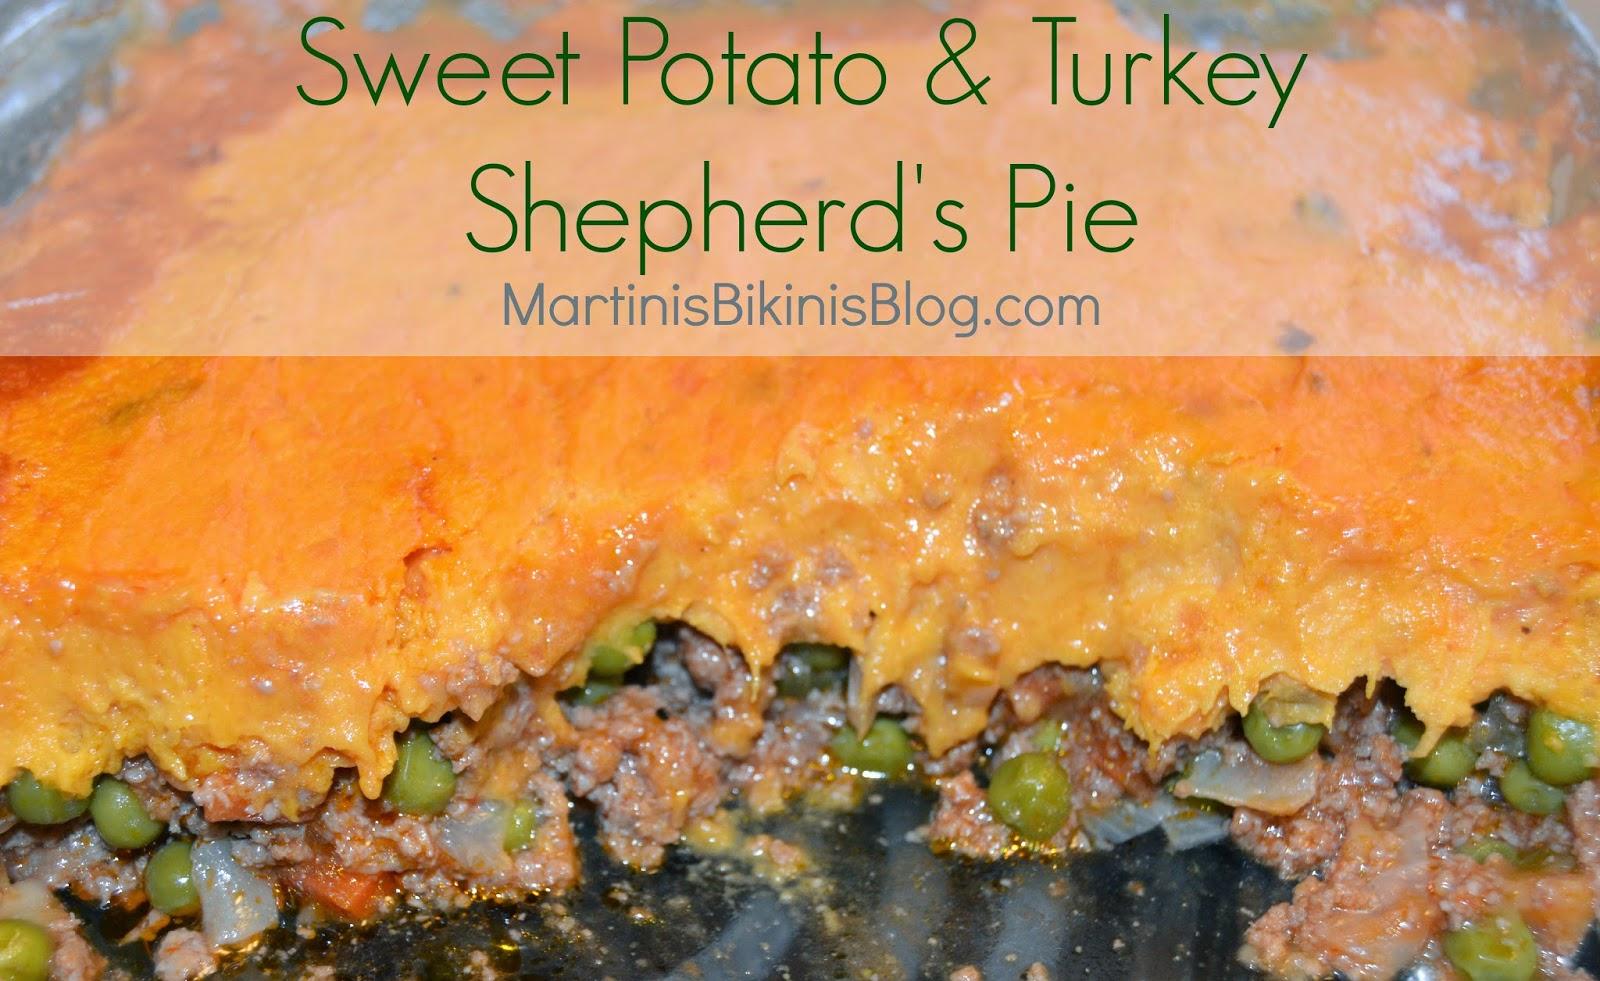 Sweet Potato & Turkey Shepherd's Pie - Martinis & Bikinis